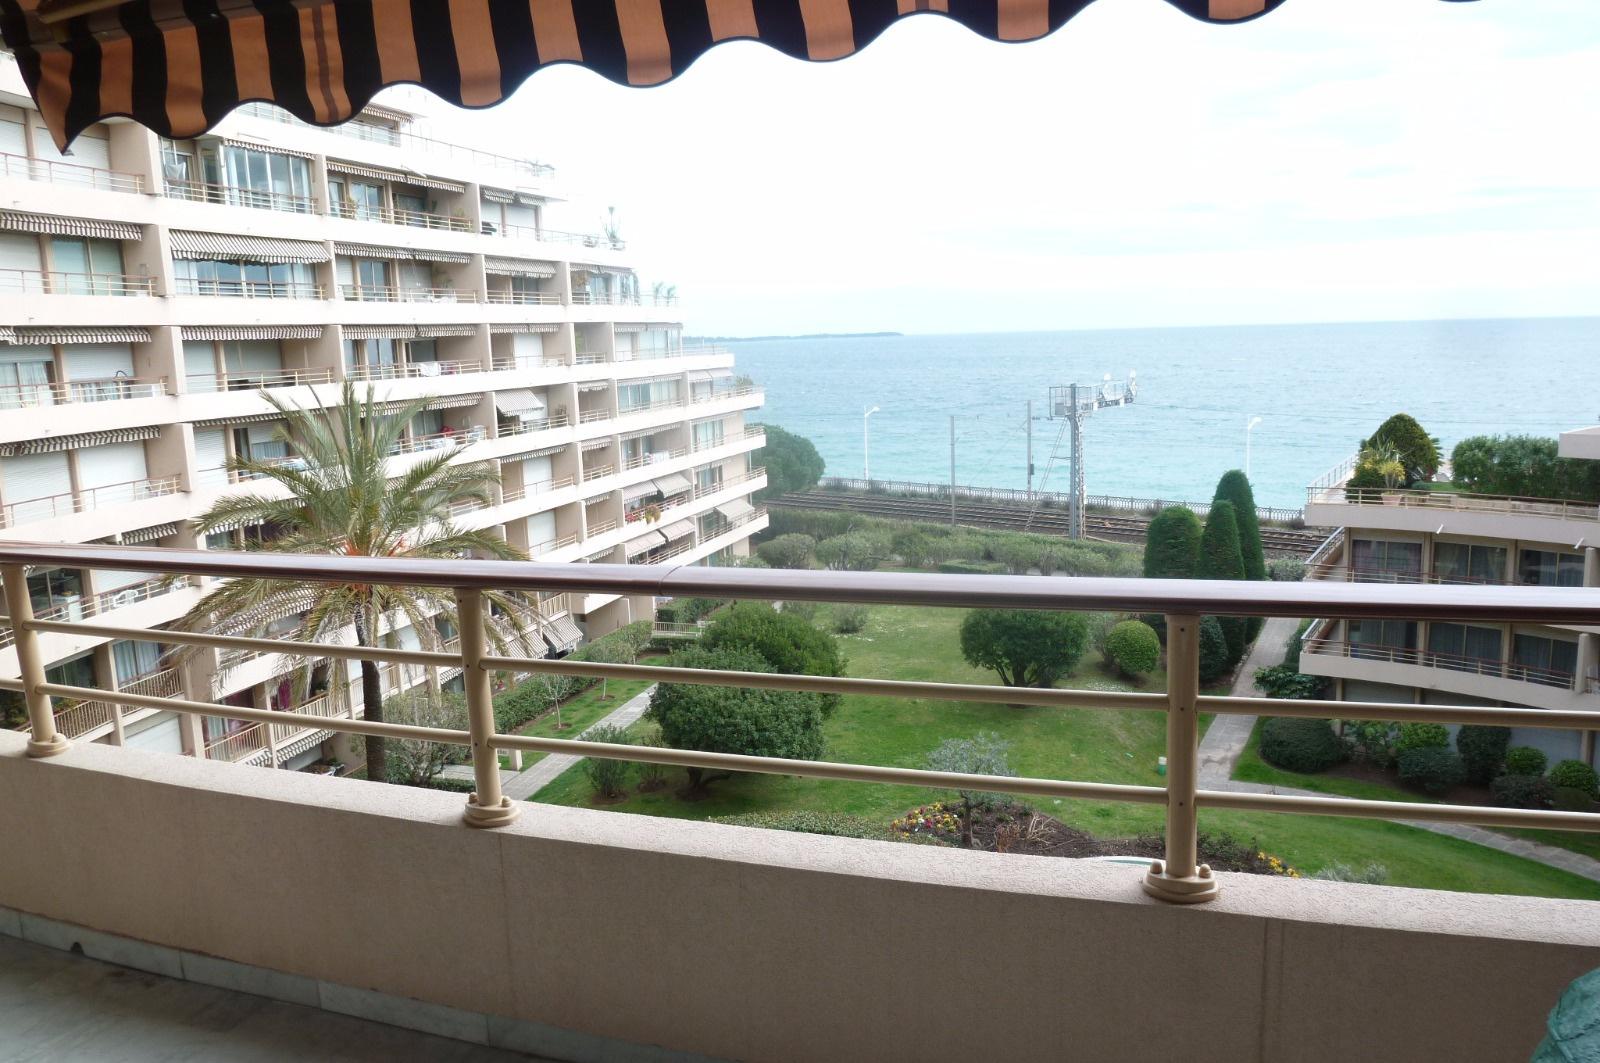 Achat appartement cannes la bocca vue mer for Achat maison cannes